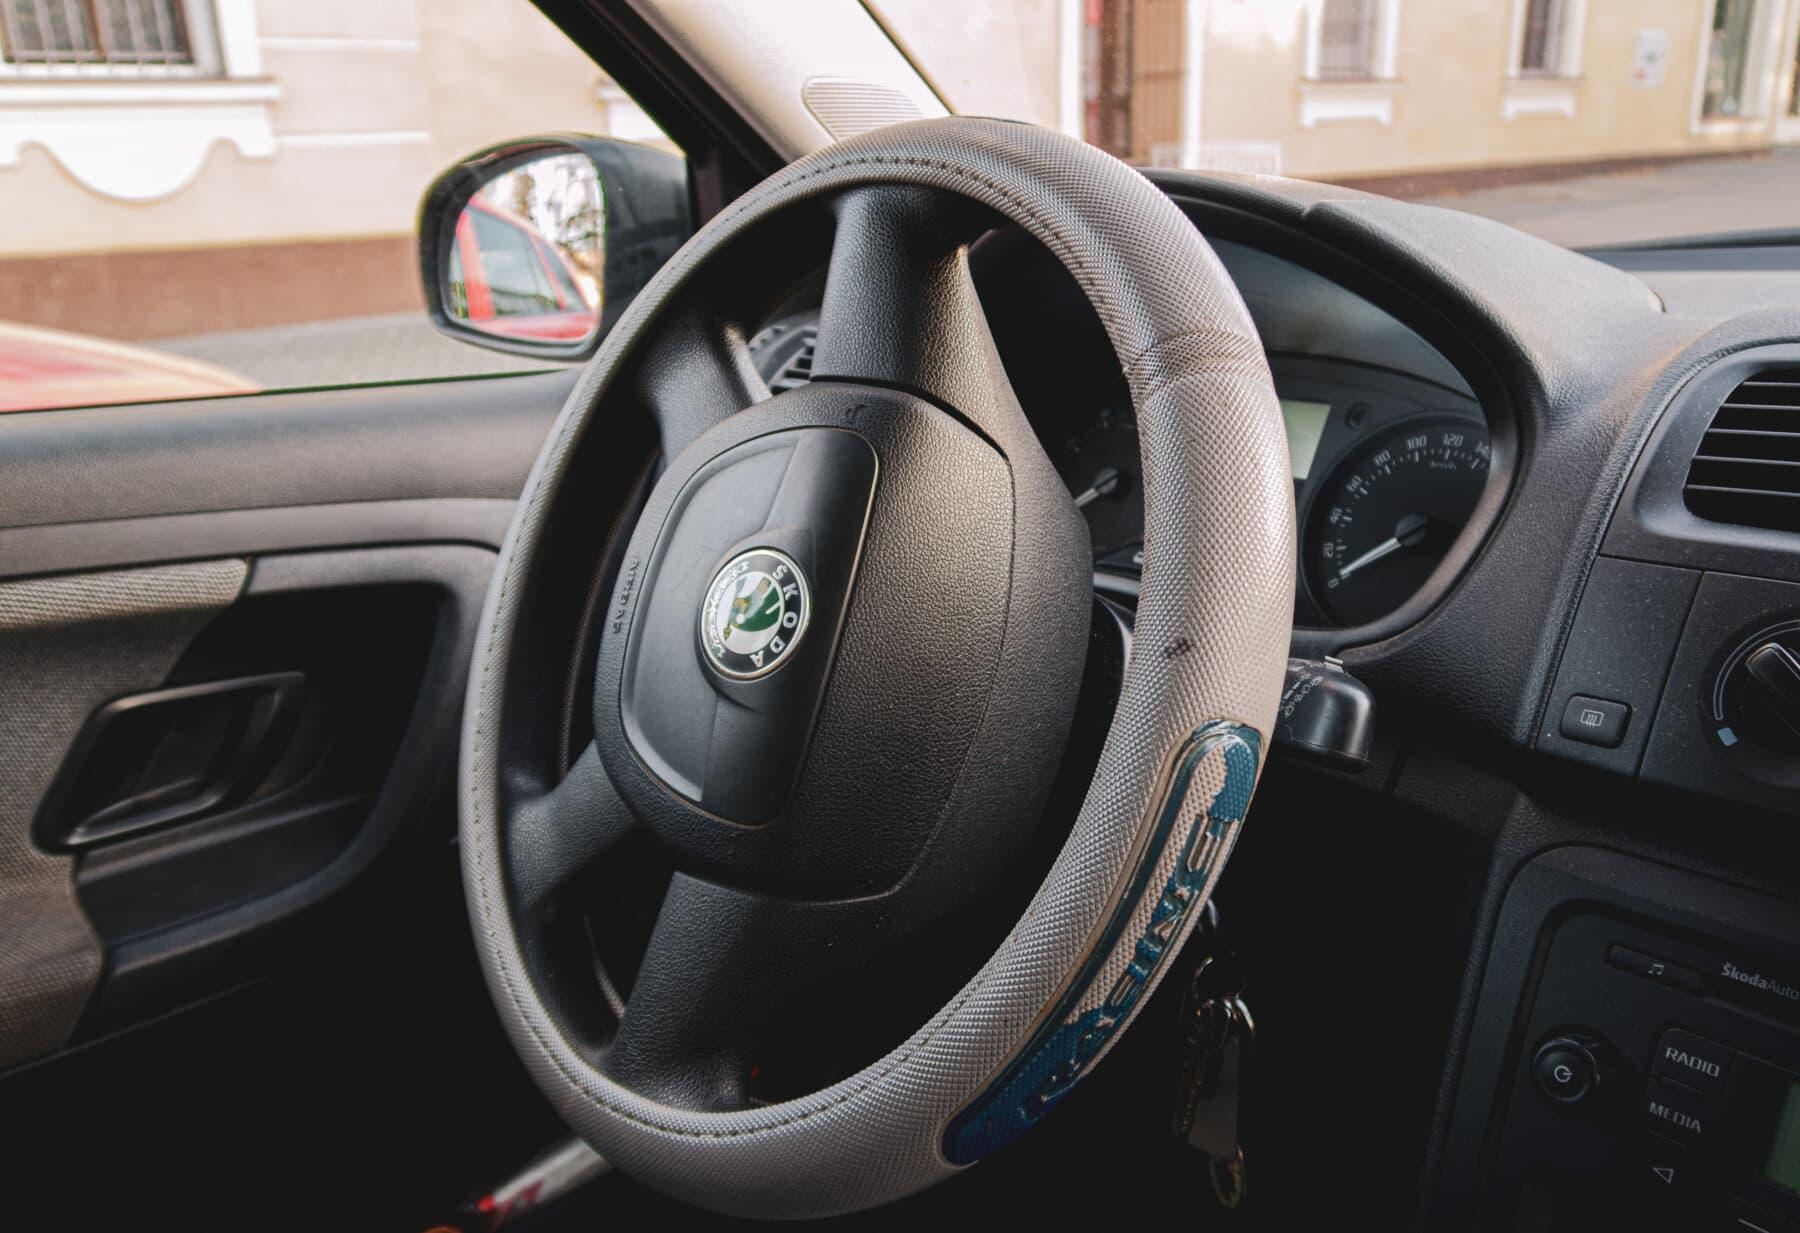 ダッシュ ボード, ステアリング ホイール, エアバッグ, スピード メーター, インテリア デザイン, ゲージ, 内部, フロント ガラス, 車, 車両